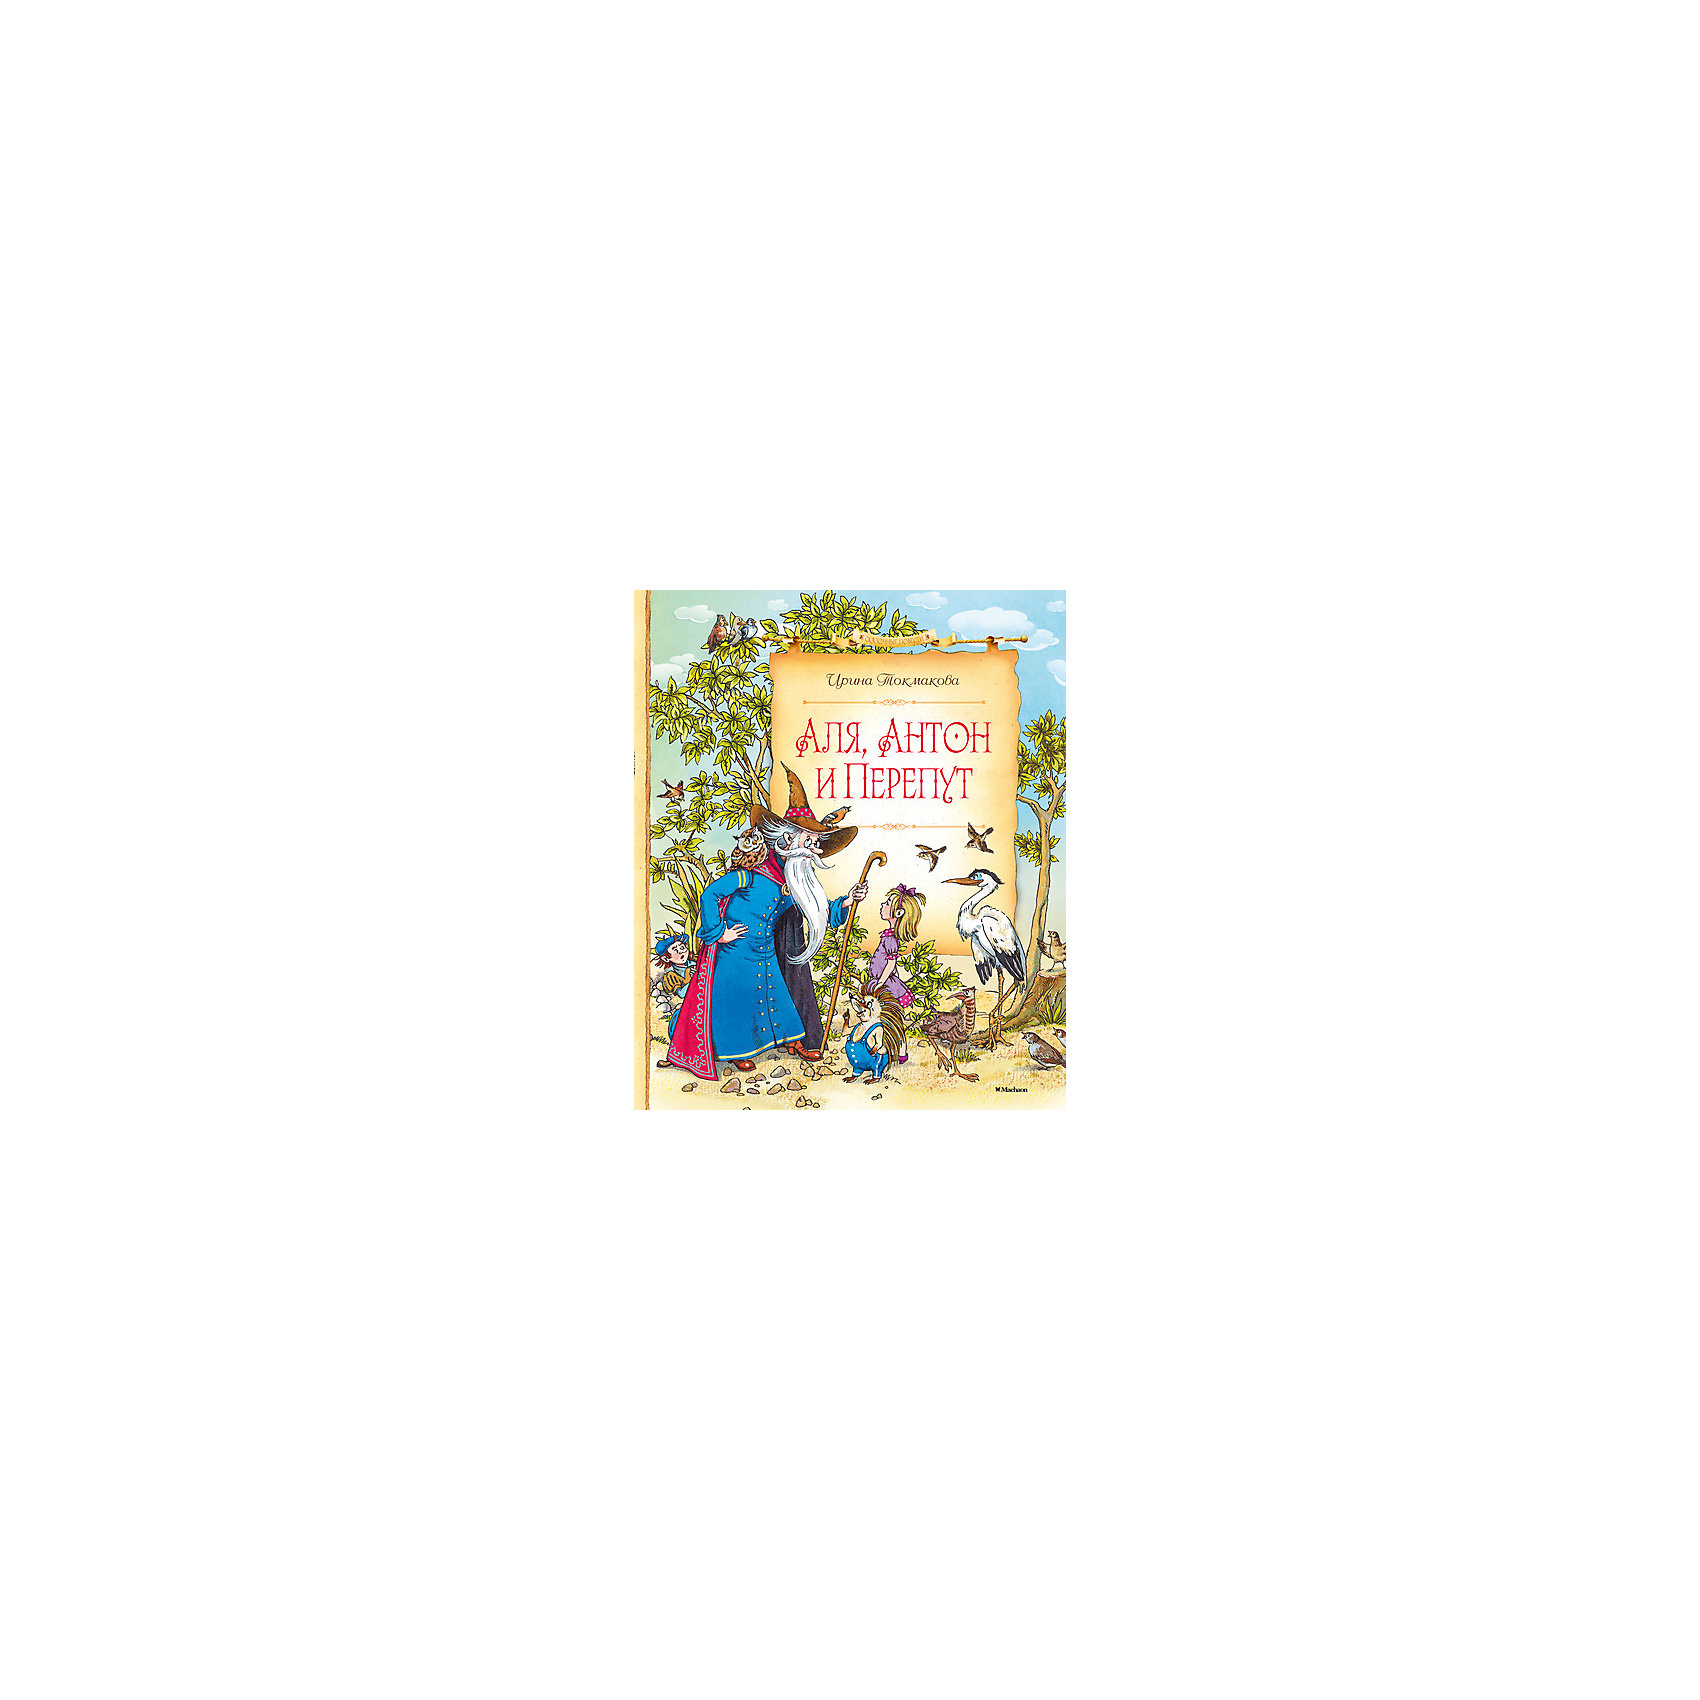 Аля, Антон и ПерепутРассказы и повести<br>На добрых историях и интересных книжках очень легко воспитывать детей. В них доступно объясняется - что хорошо, а что - плохо, даются понятия о базовых ценностях, дружбе, любви и порядочности.<br>Эта книга может стать отличным подарком ребенку. Это удобный формат, твердый переплет, качественная бумага, прекрасные иллюстрации и захватывающие истории в повестях «Аля, Антон и Перепут», «Аля, мистер Блот и буква Z» и «В гостях у Мудрослова». Книга произведена из качественных и безопасных для детей материалов.<br><br>Дополнительная информация:<br><br>страниц: 224;<br>твердый переплет;<br>формат: 24 х 20 см.<br><br>Книгу Аля, Антон и Перепут можно купить в нашем магазине.<br><br>Ширина мм: 235<br>Глубина мм: 195<br>Высота мм: 16<br>Вес г: 591<br>Возраст от месяцев: 84<br>Возраст до месяцев: 120<br>Пол: Унисекс<br>Возраст: Детский<br>SKU: 4975153